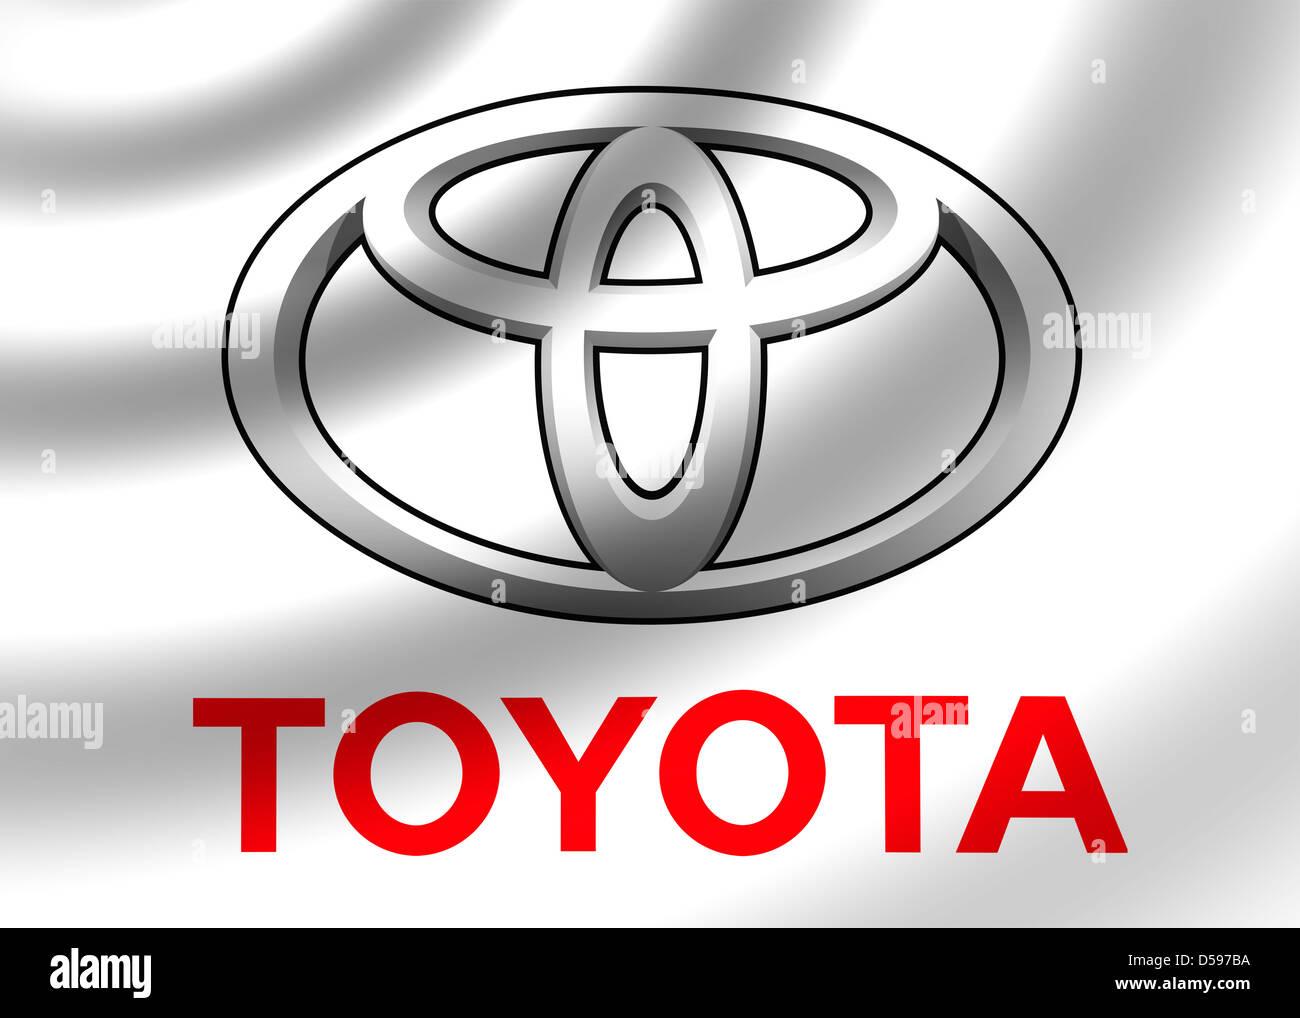 Toyota logo symbol icon flag stock photo royalty free image toyota logo symbol icon flag buycottarizona